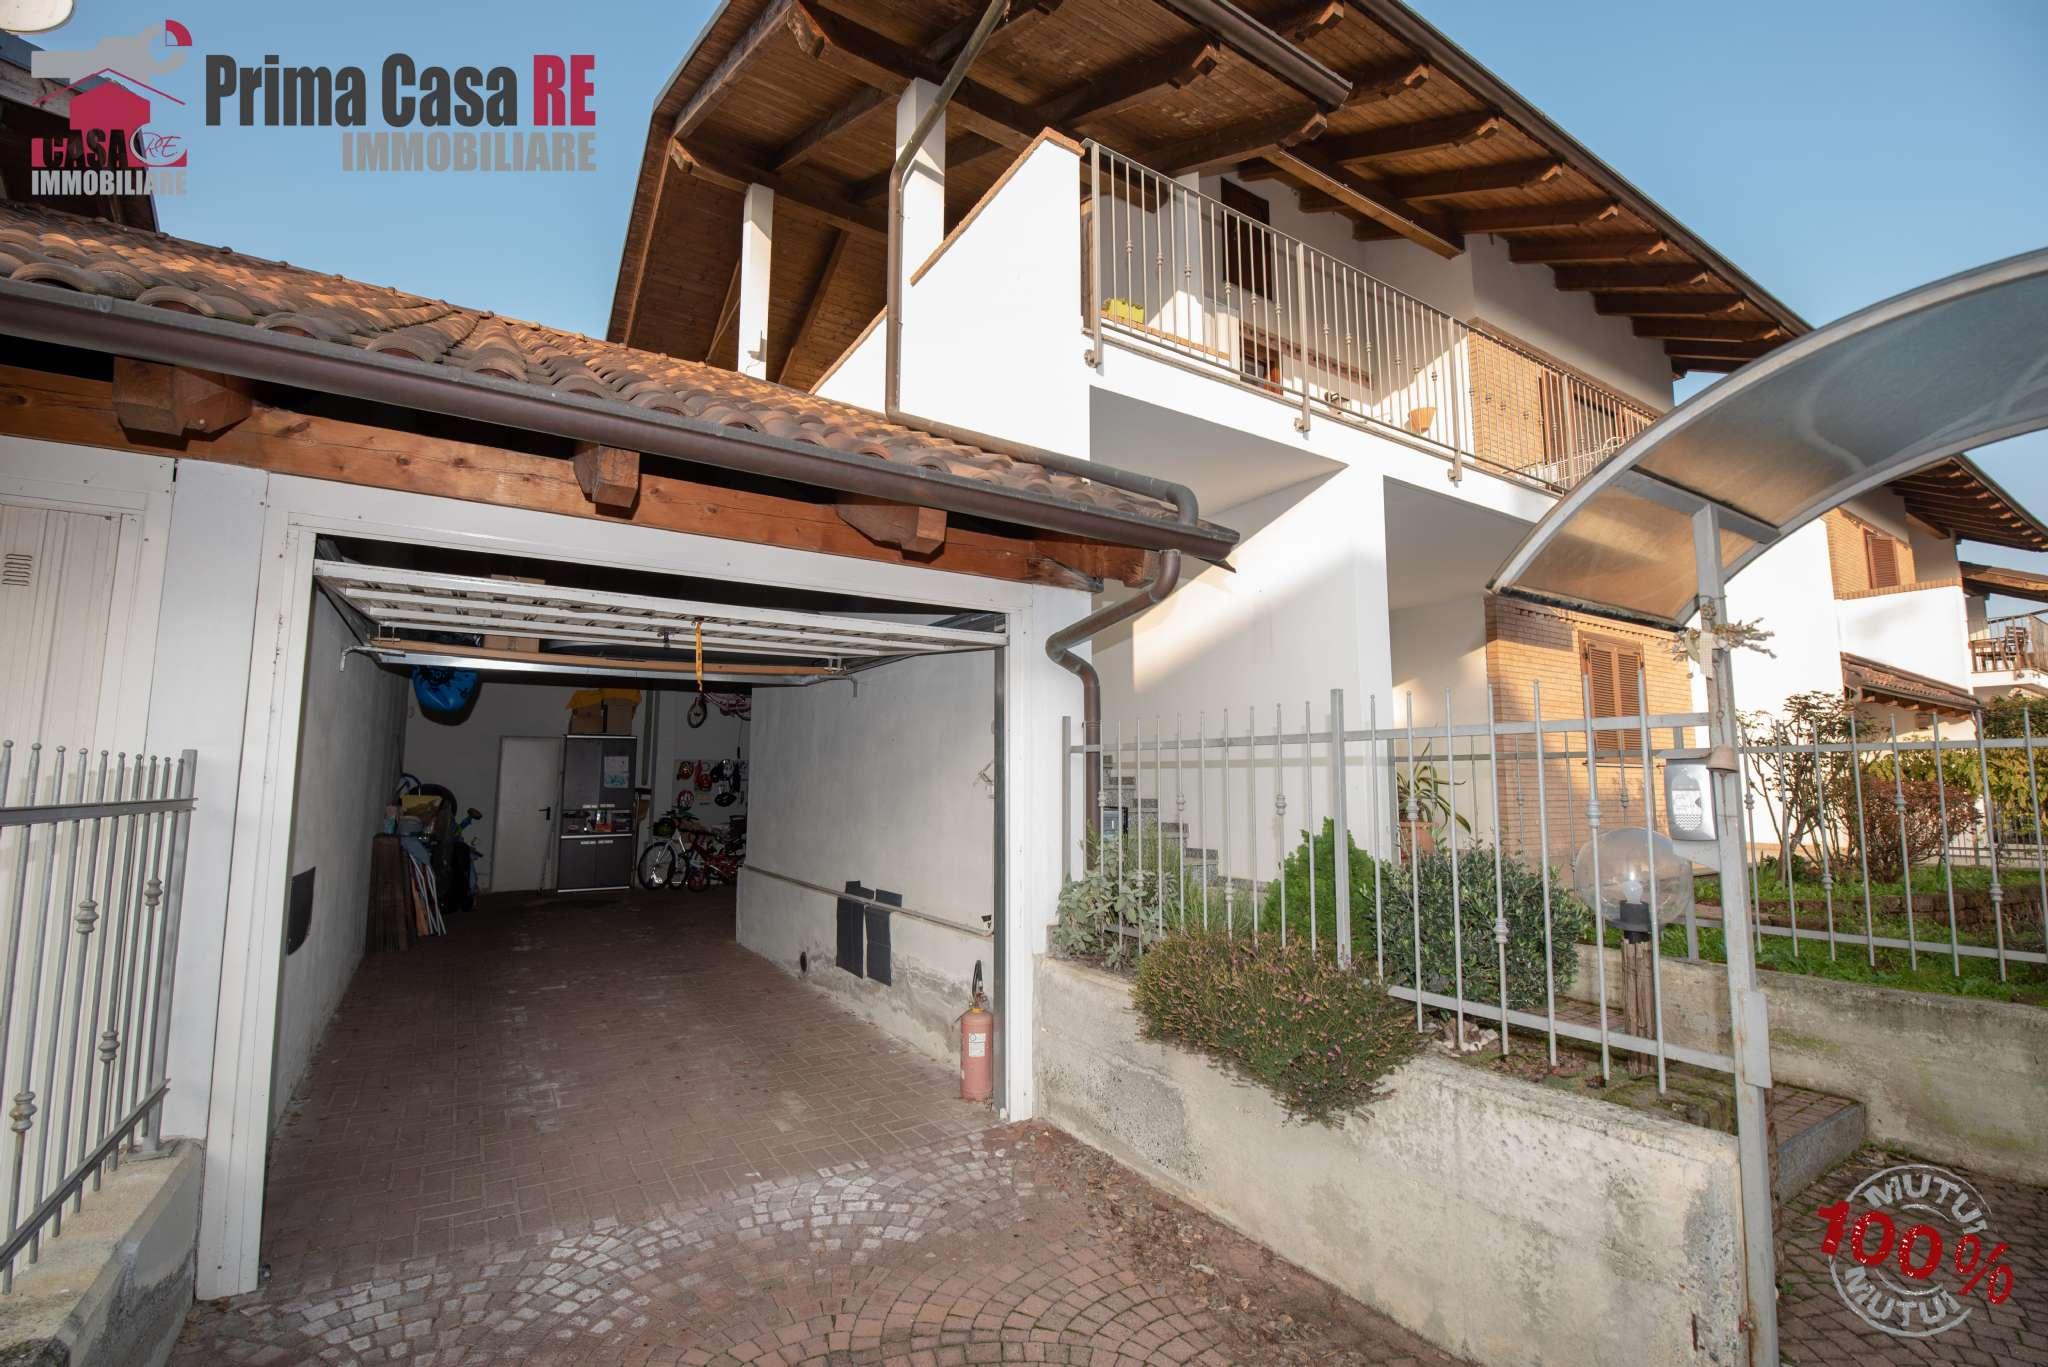 Appartamento in vendita a Verolengo, 3 locali, prezzo € 105.000 | CambioCasa.it